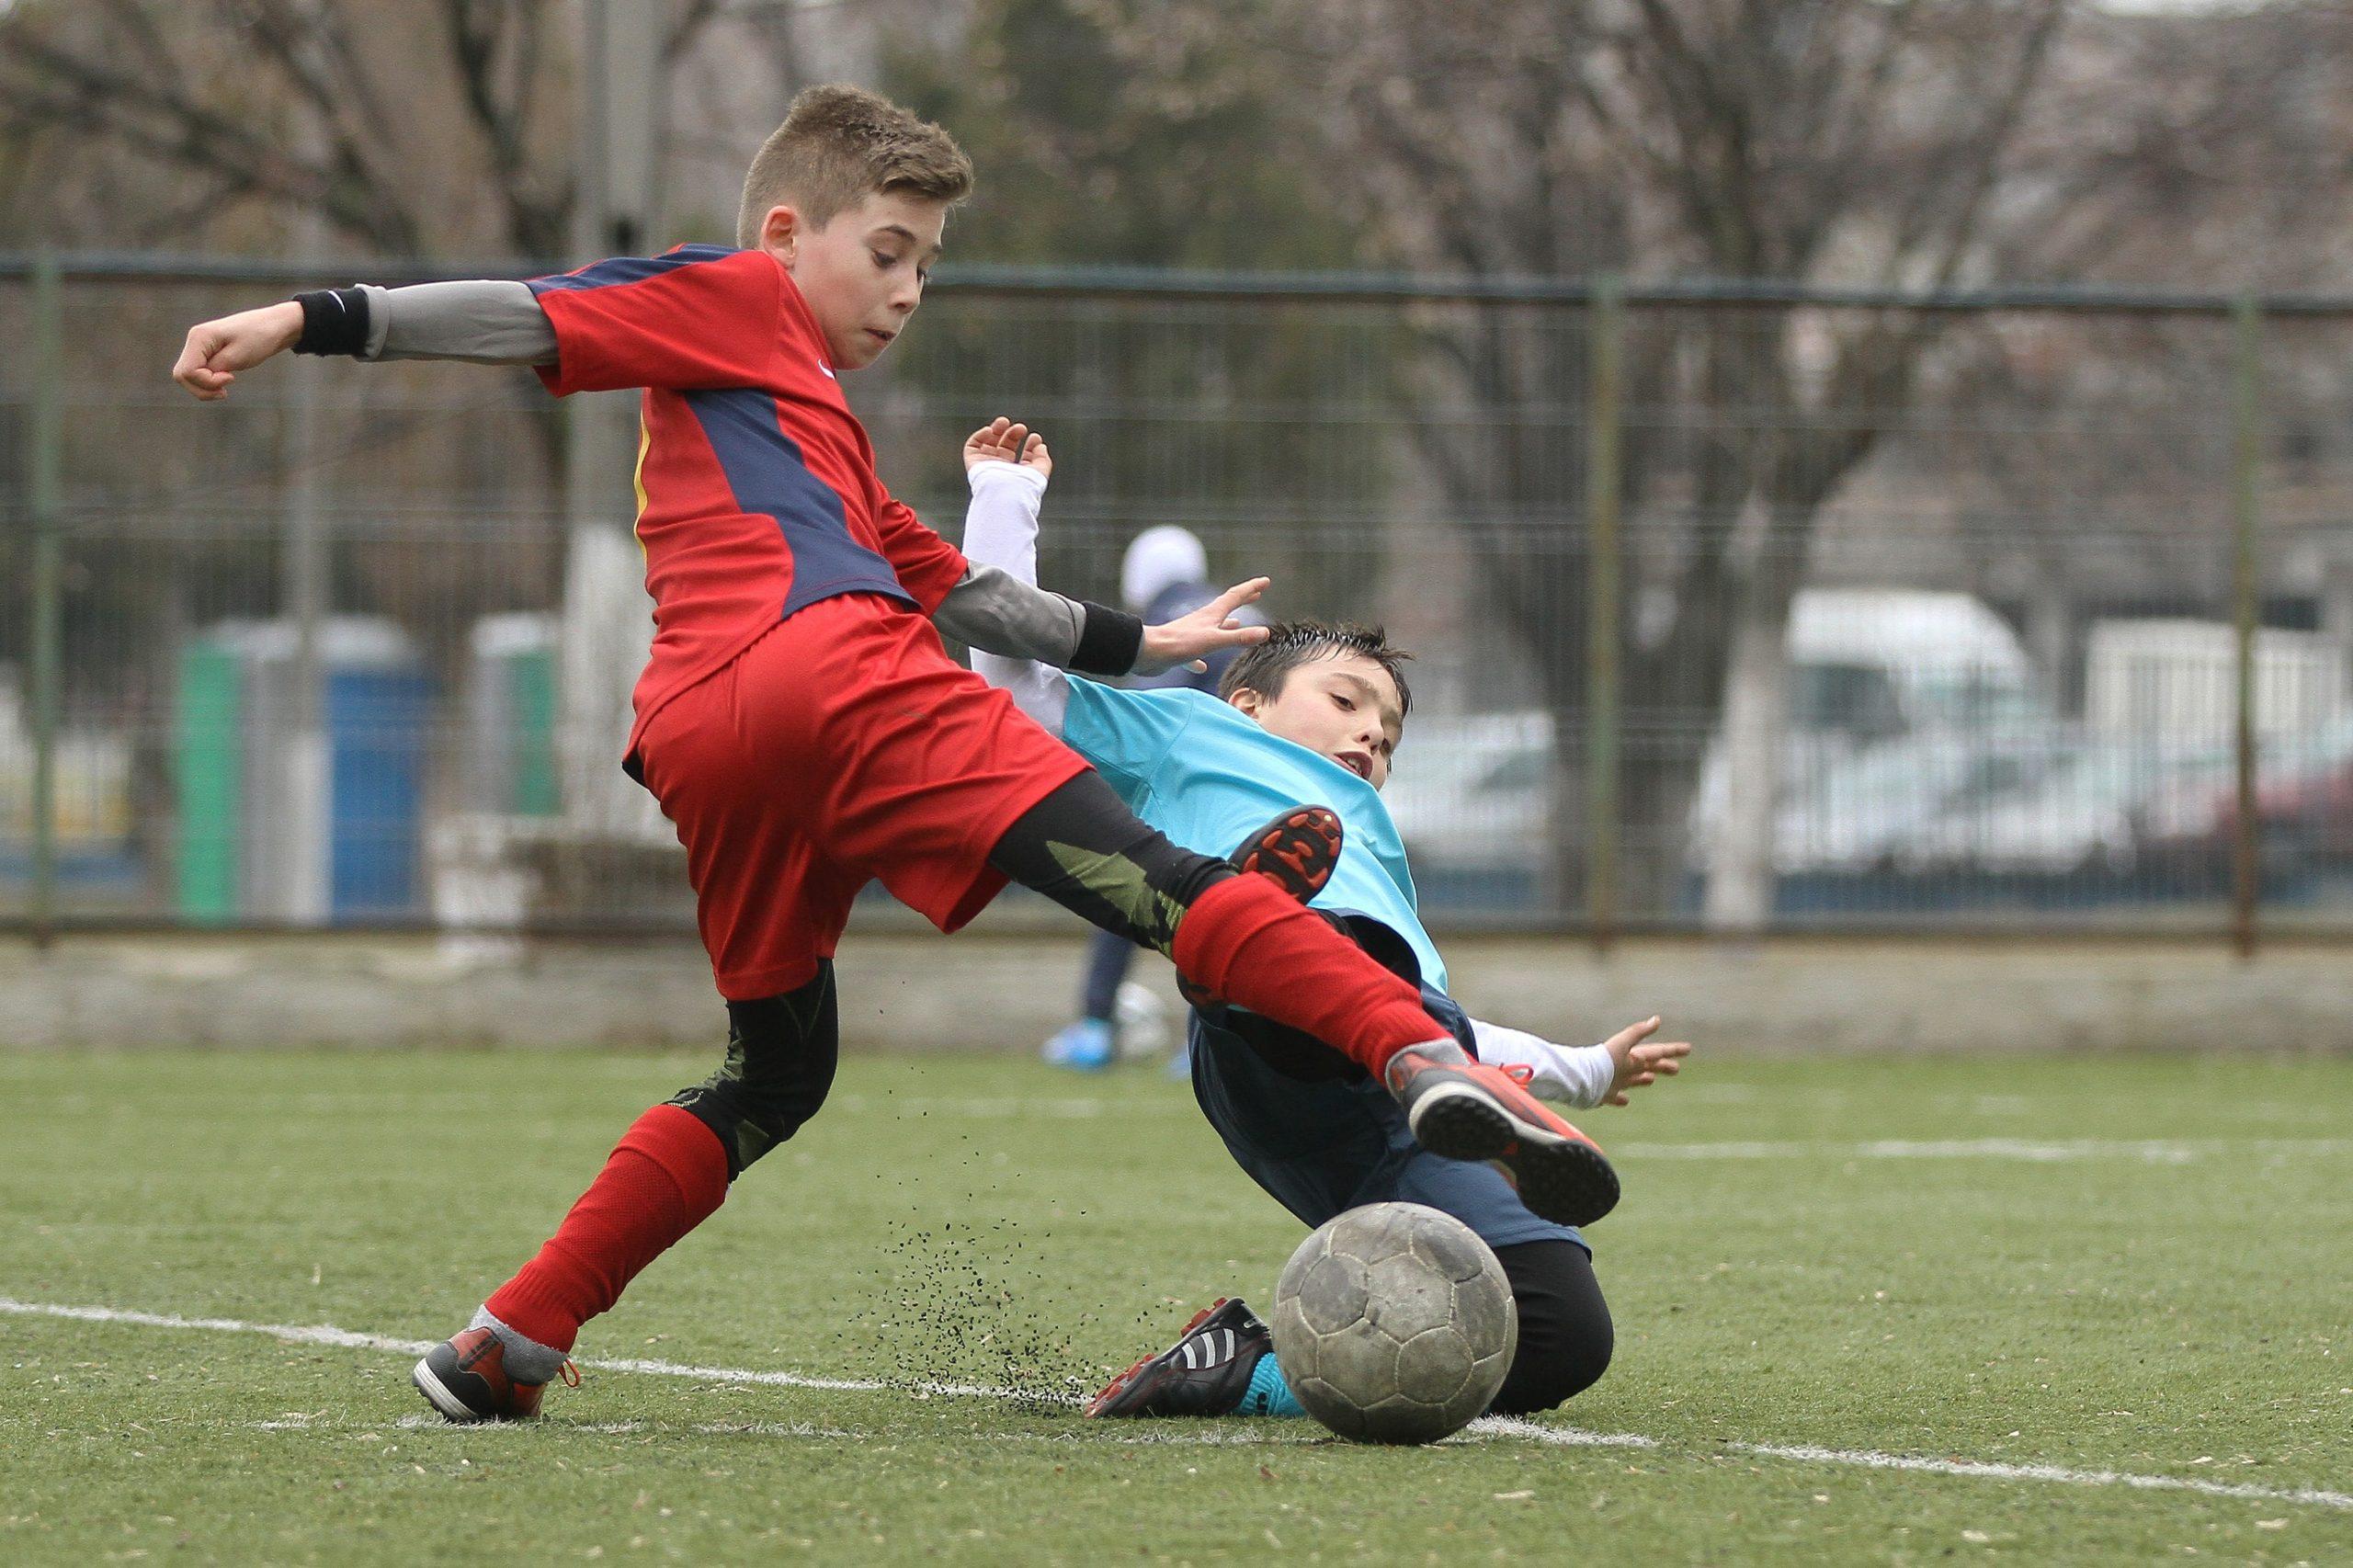 أكاديمية كرة القدم للناشئين